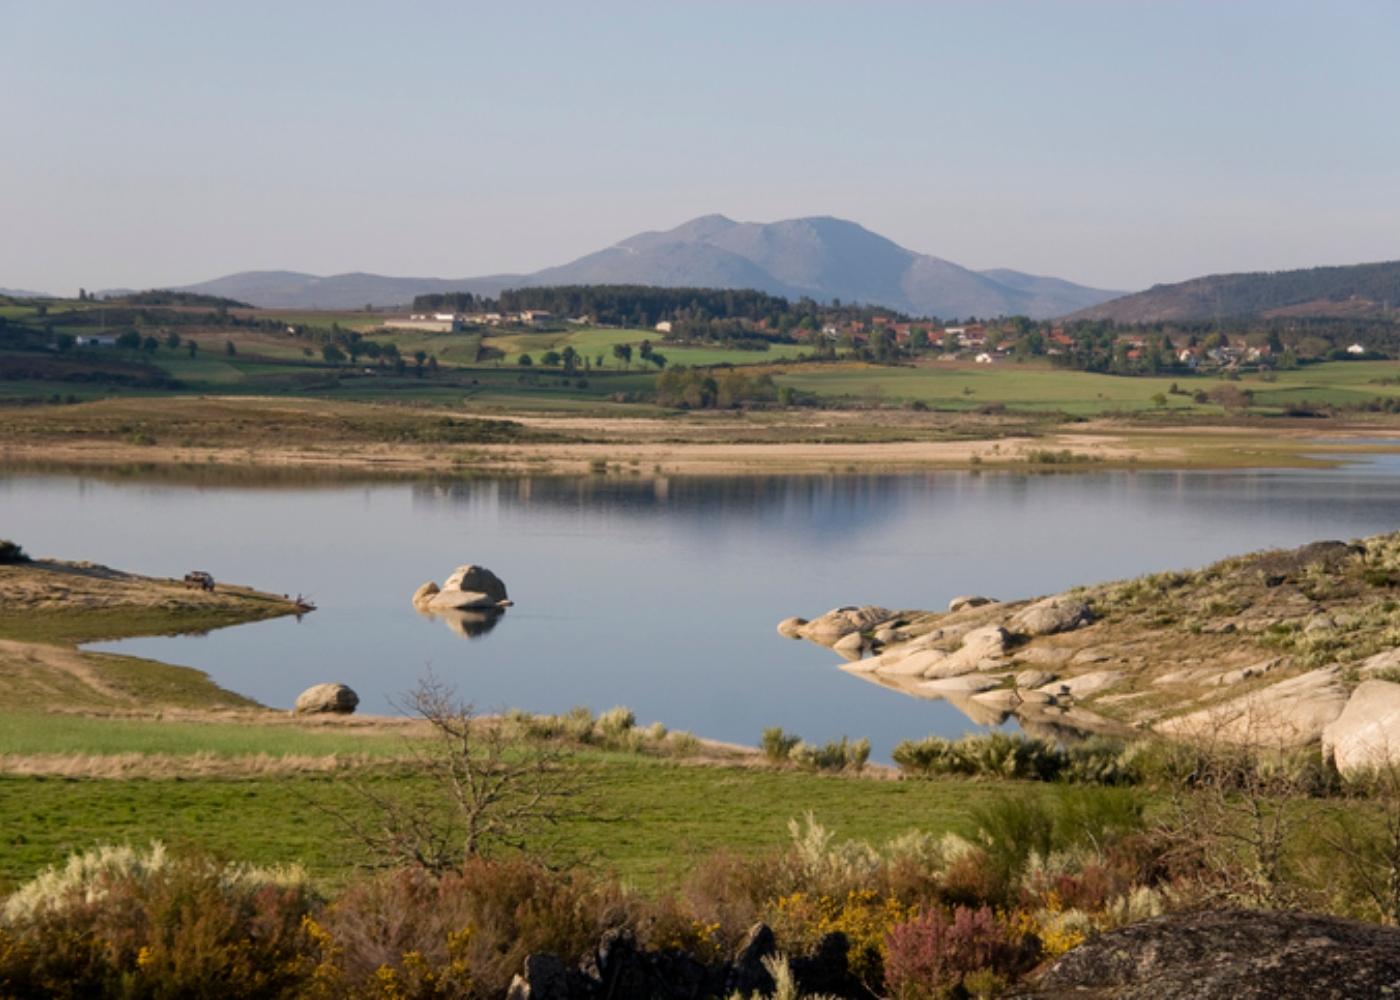 Paisagem sobre a aldeia de Vilarinho de Negrões em Montalegre